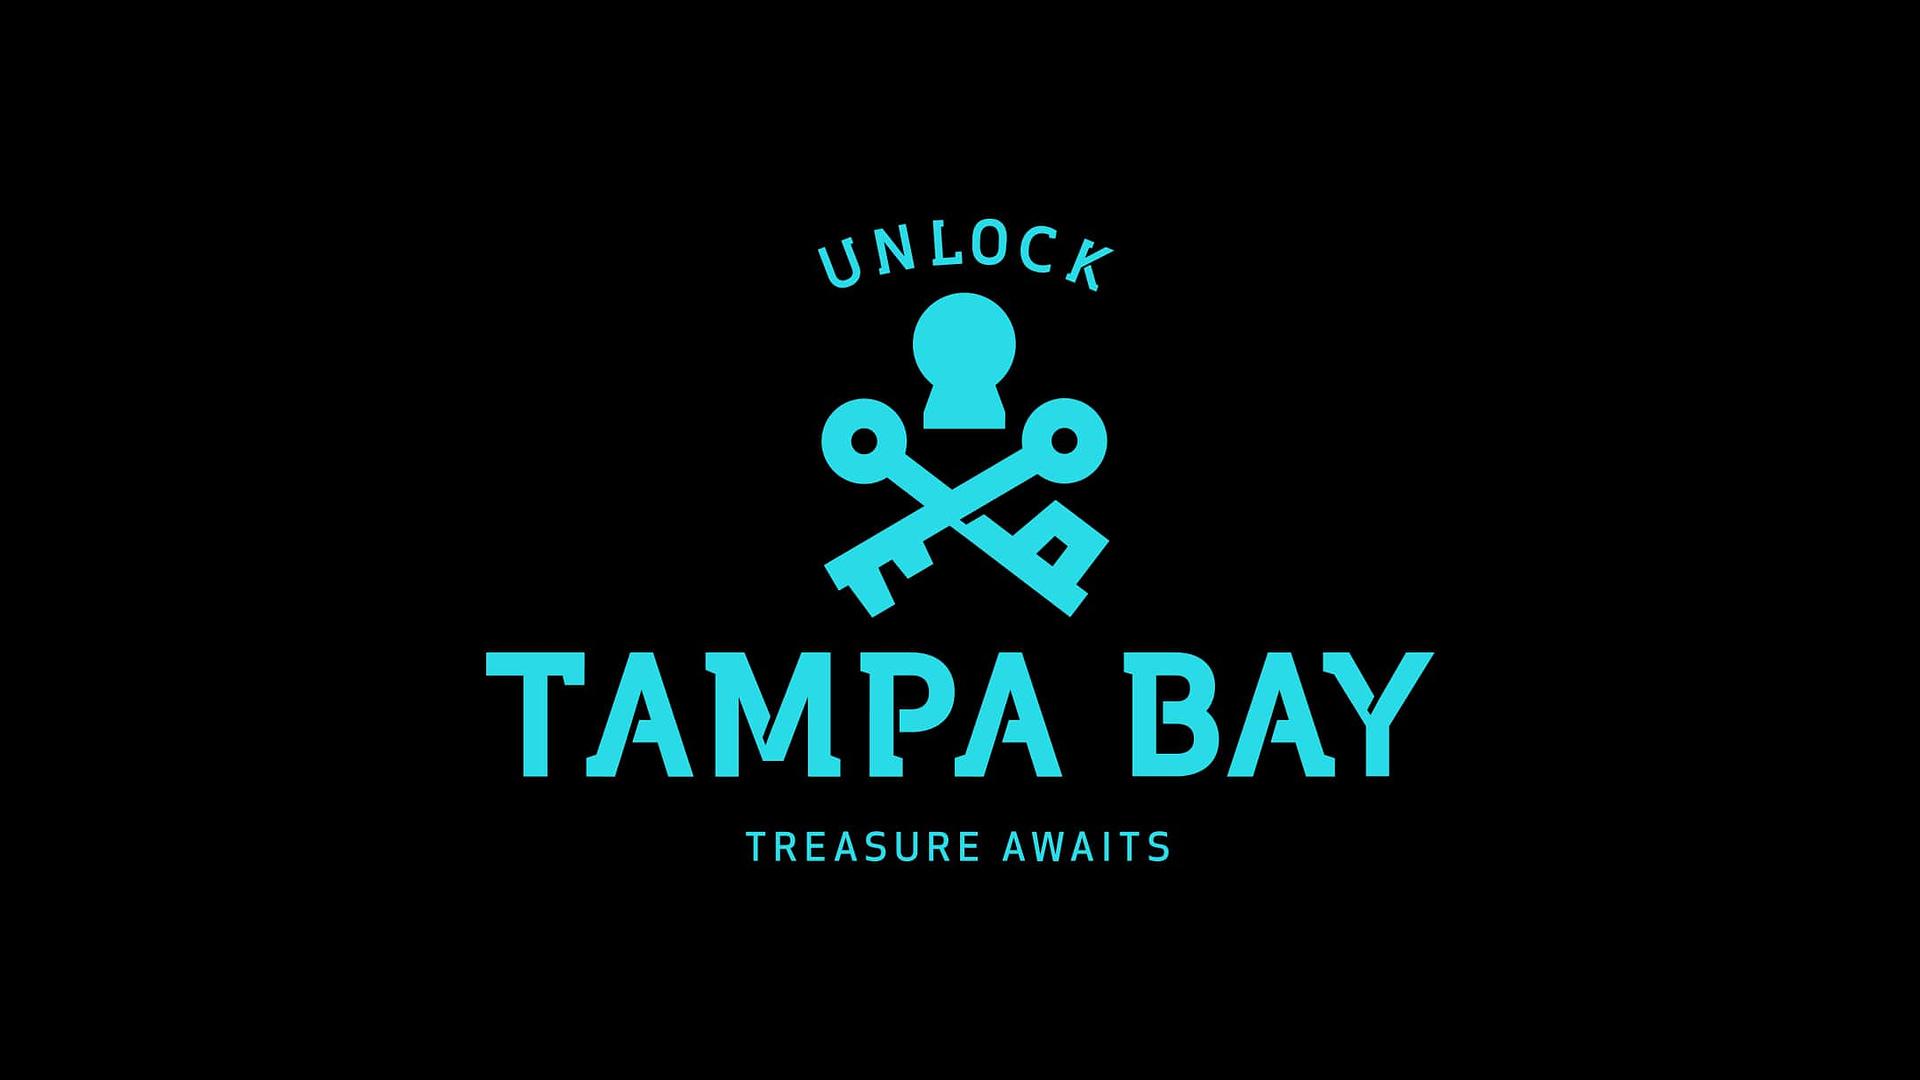 Tampa bay logo, blue on black